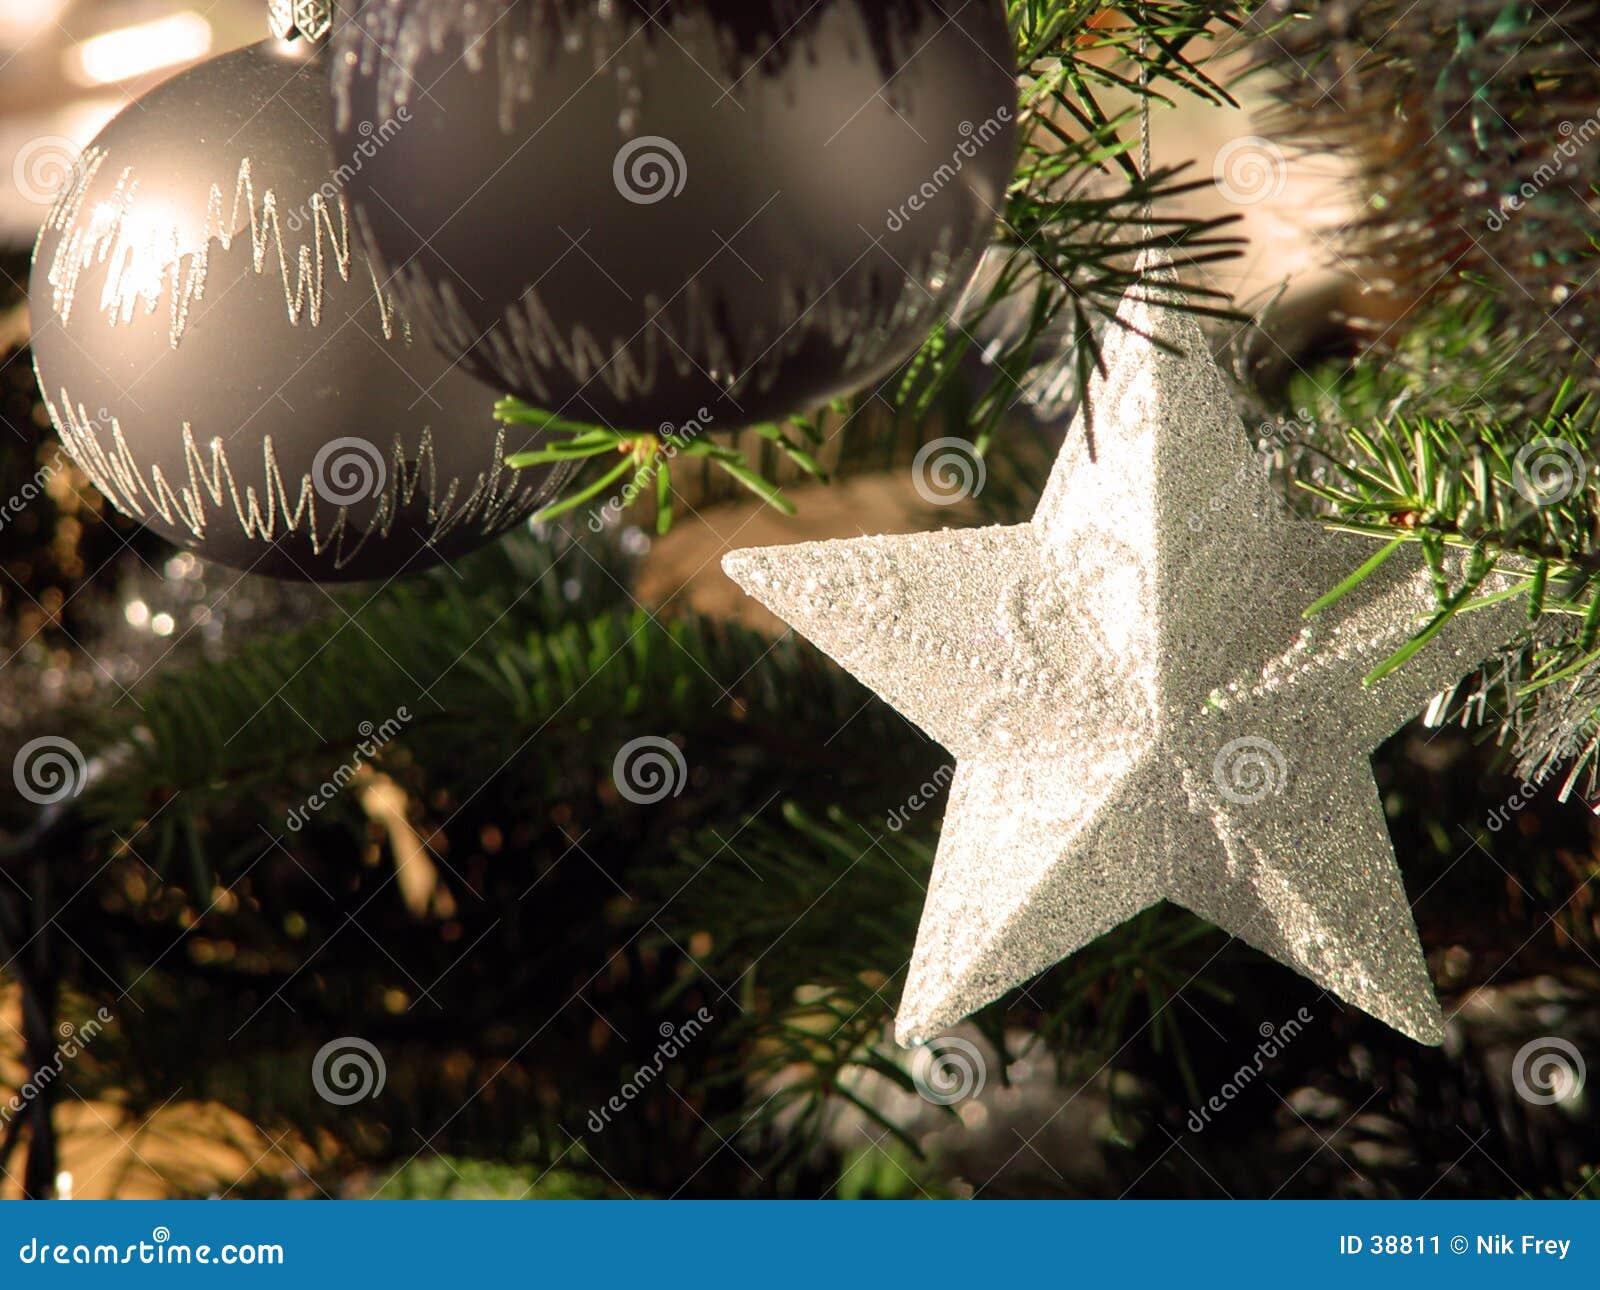 Download Estrella de la Navidad imagen de archivo. Imagen de invierno - 38811